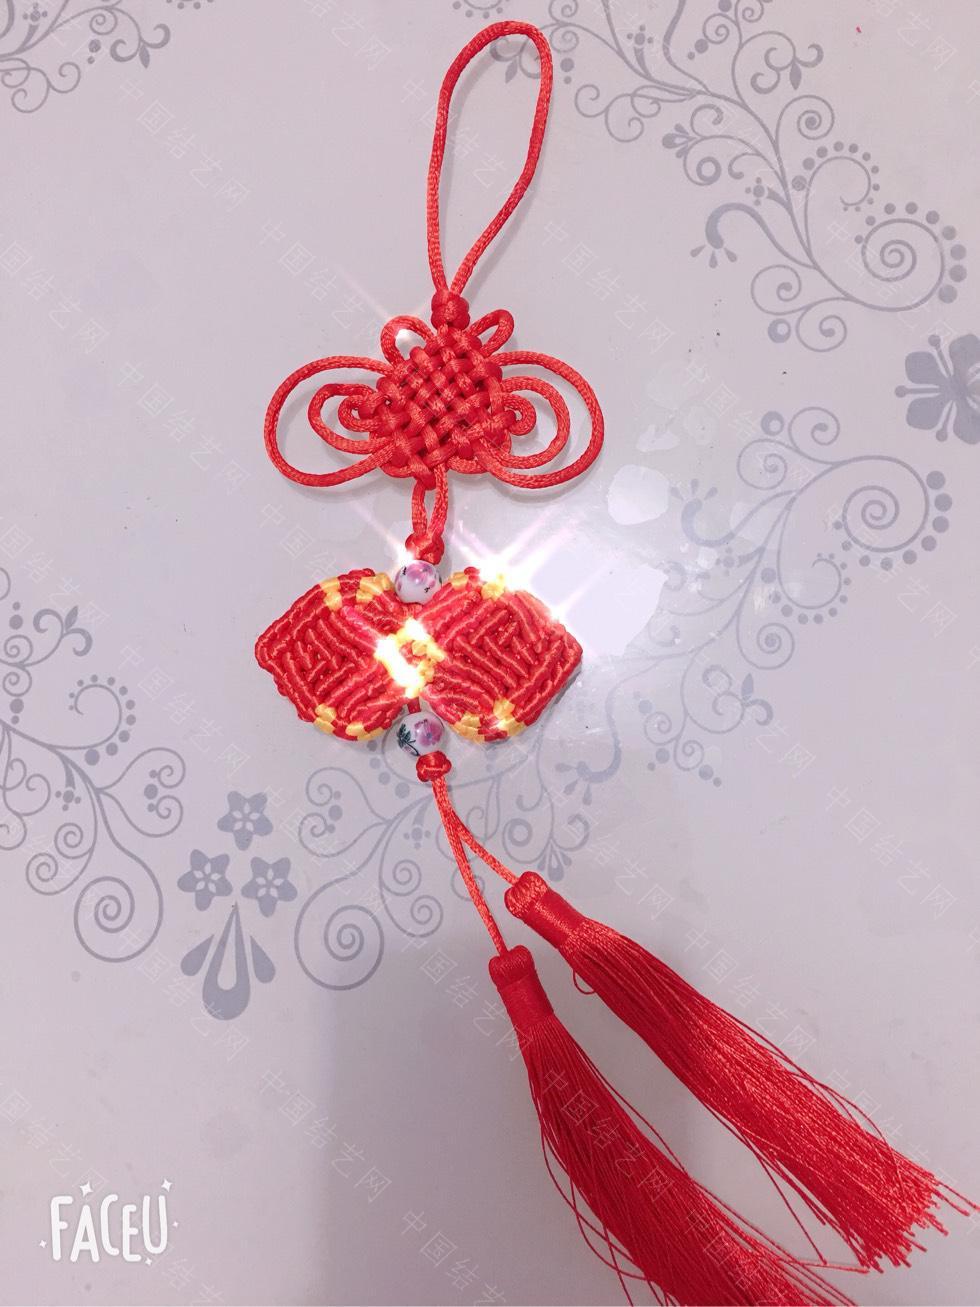 中国结论坛 心心相印  作品展示 172523zozq11jwn0i197jf